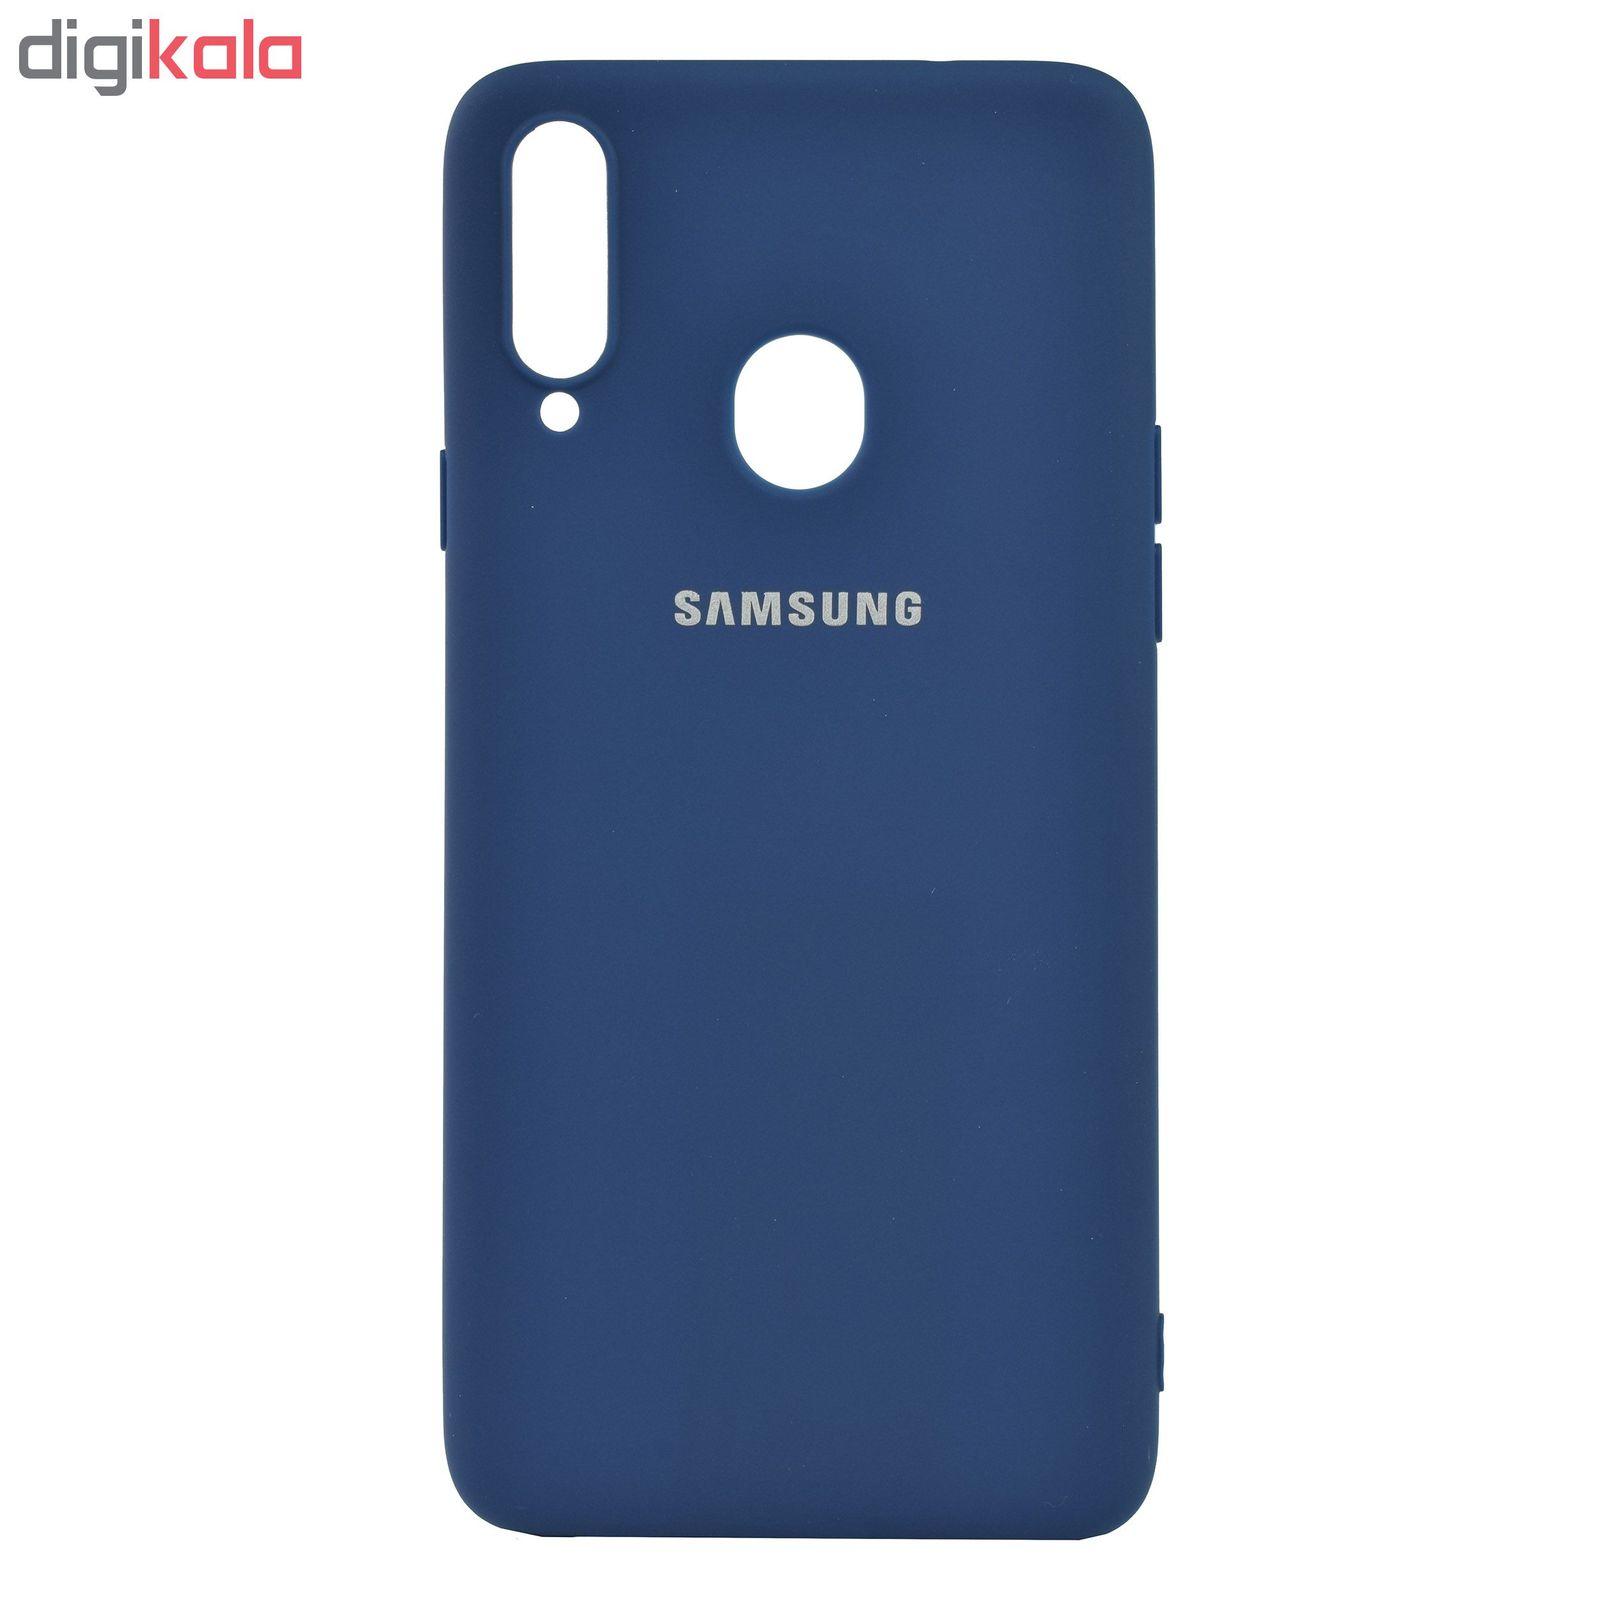 کاور مدل SC20 مناسب برای گوشی موبایل سامسونگ Galaxy A20s main 1 3